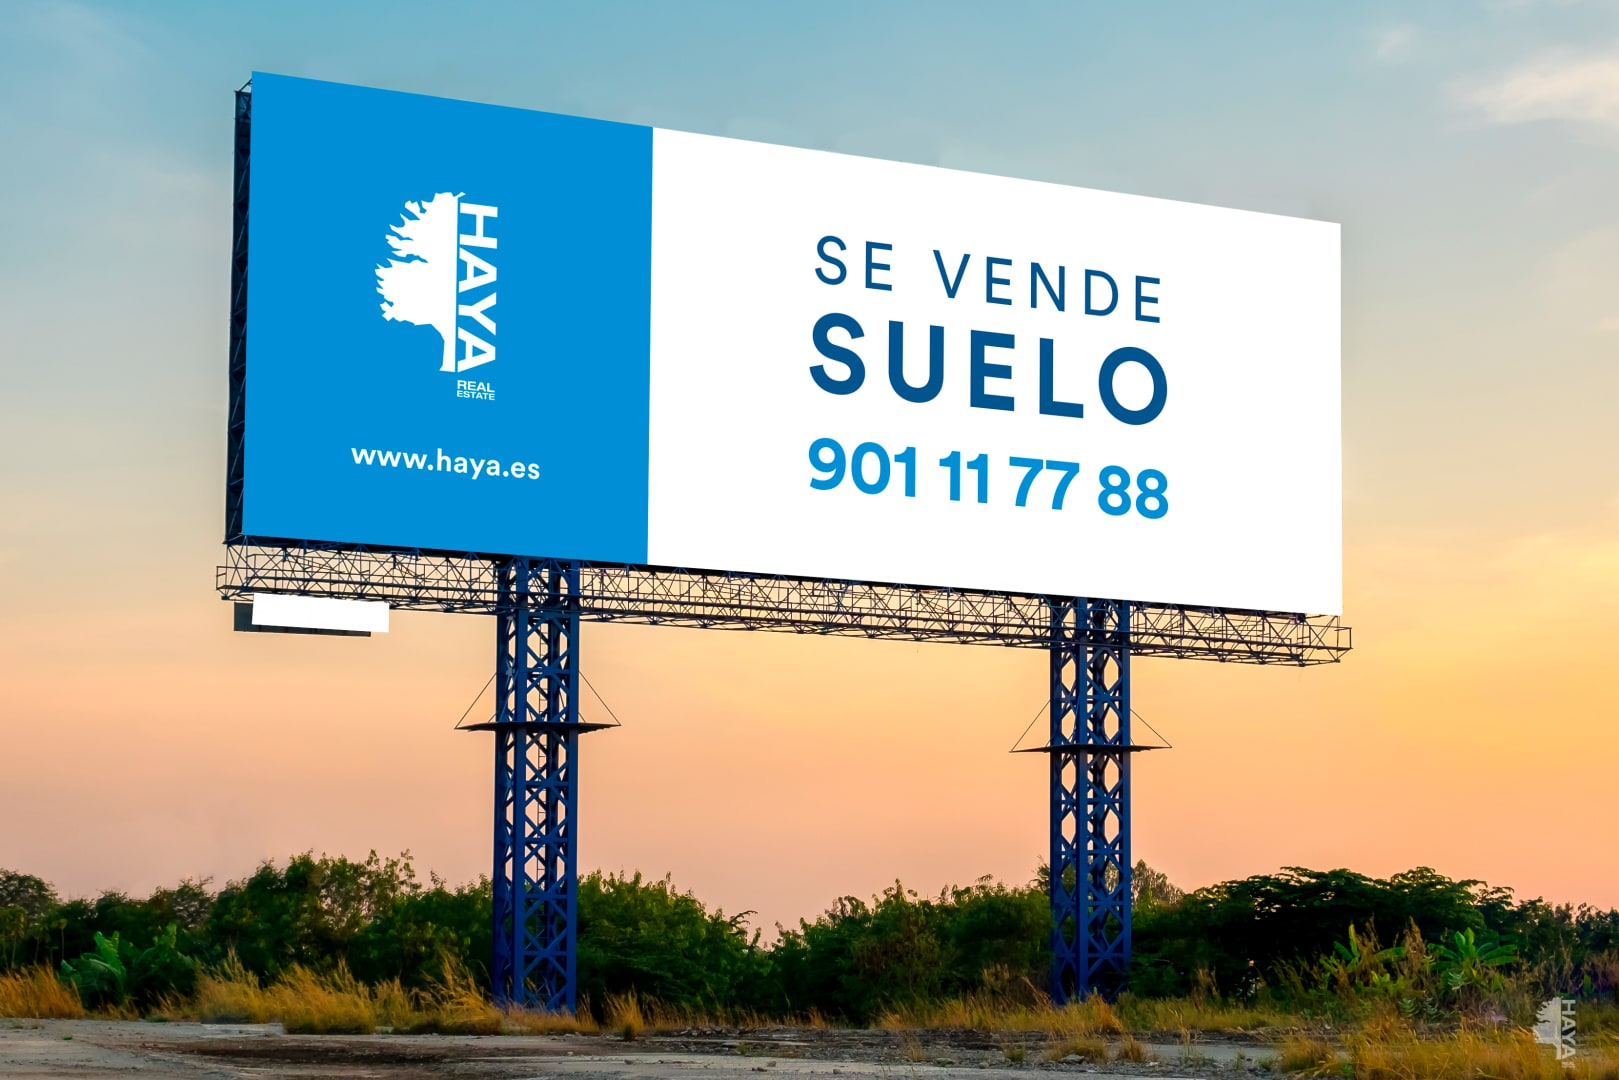 Terrain urbain à Museros. Solar en venta en museros (valencia) mayor